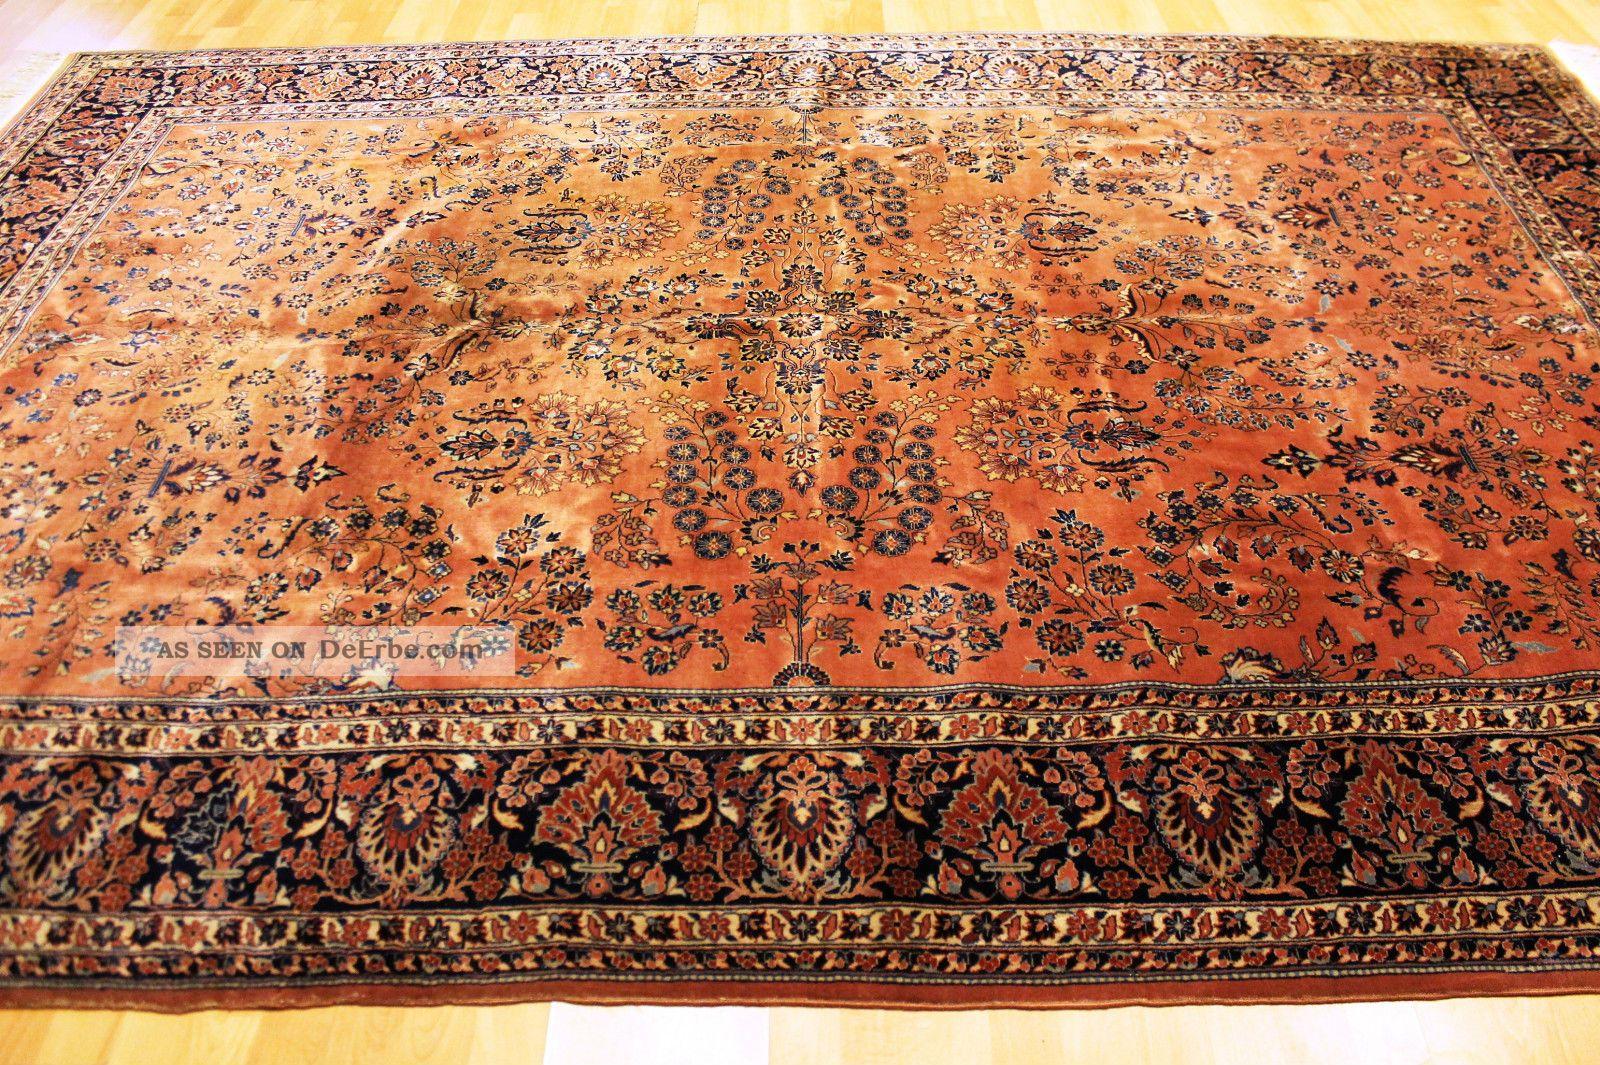 Alter Feiner Us Blumen Jugendstil Teppich Ca 305x205cm